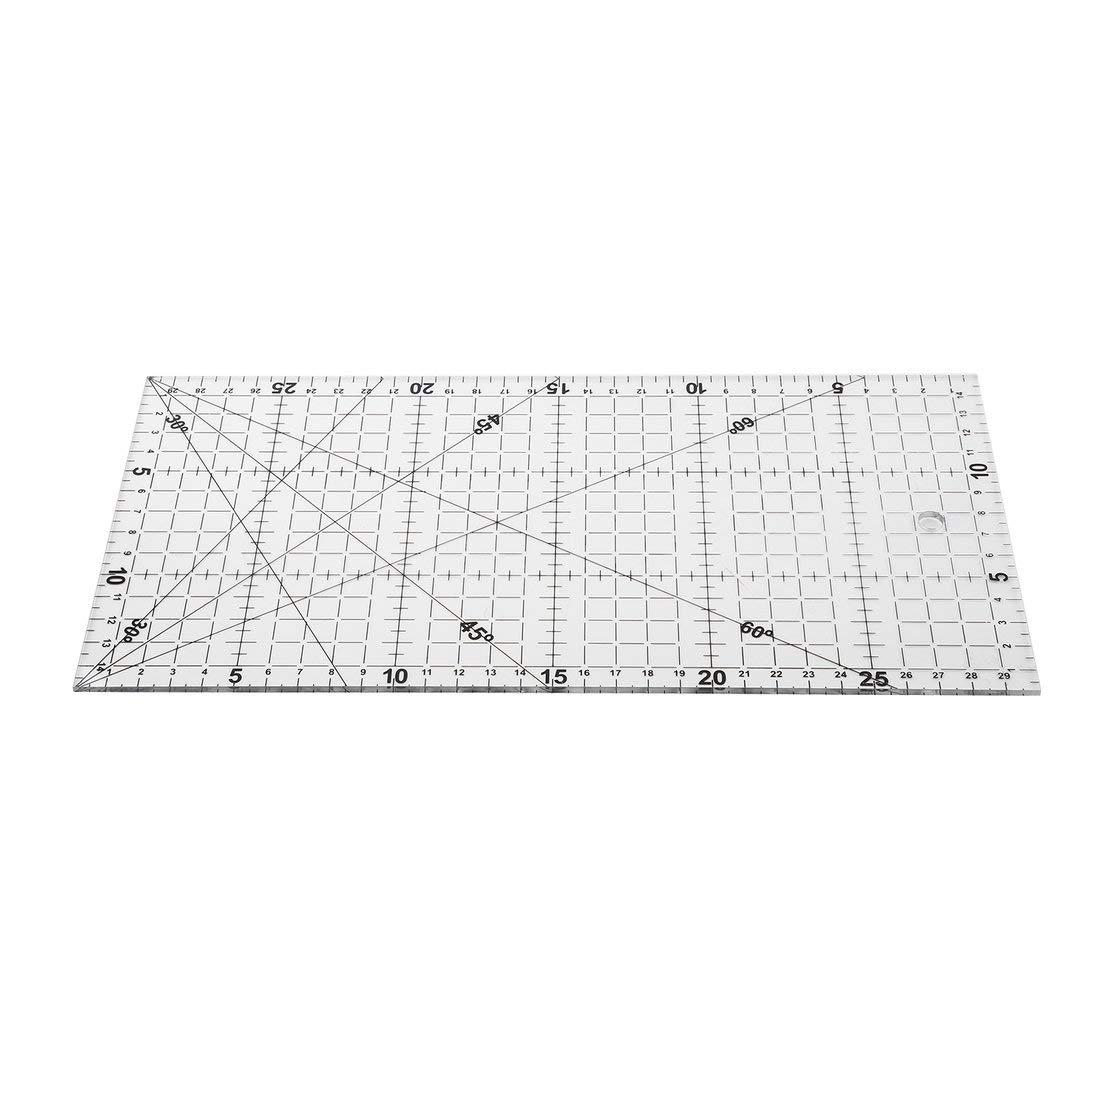 30 Transparente 15cm Herramientas para acolchar Fabricaci/ón de ropa Patchwork Regla Acr/ílico Escala Coser Herramientas de costura Costura de bricolaje Accesorios manuales